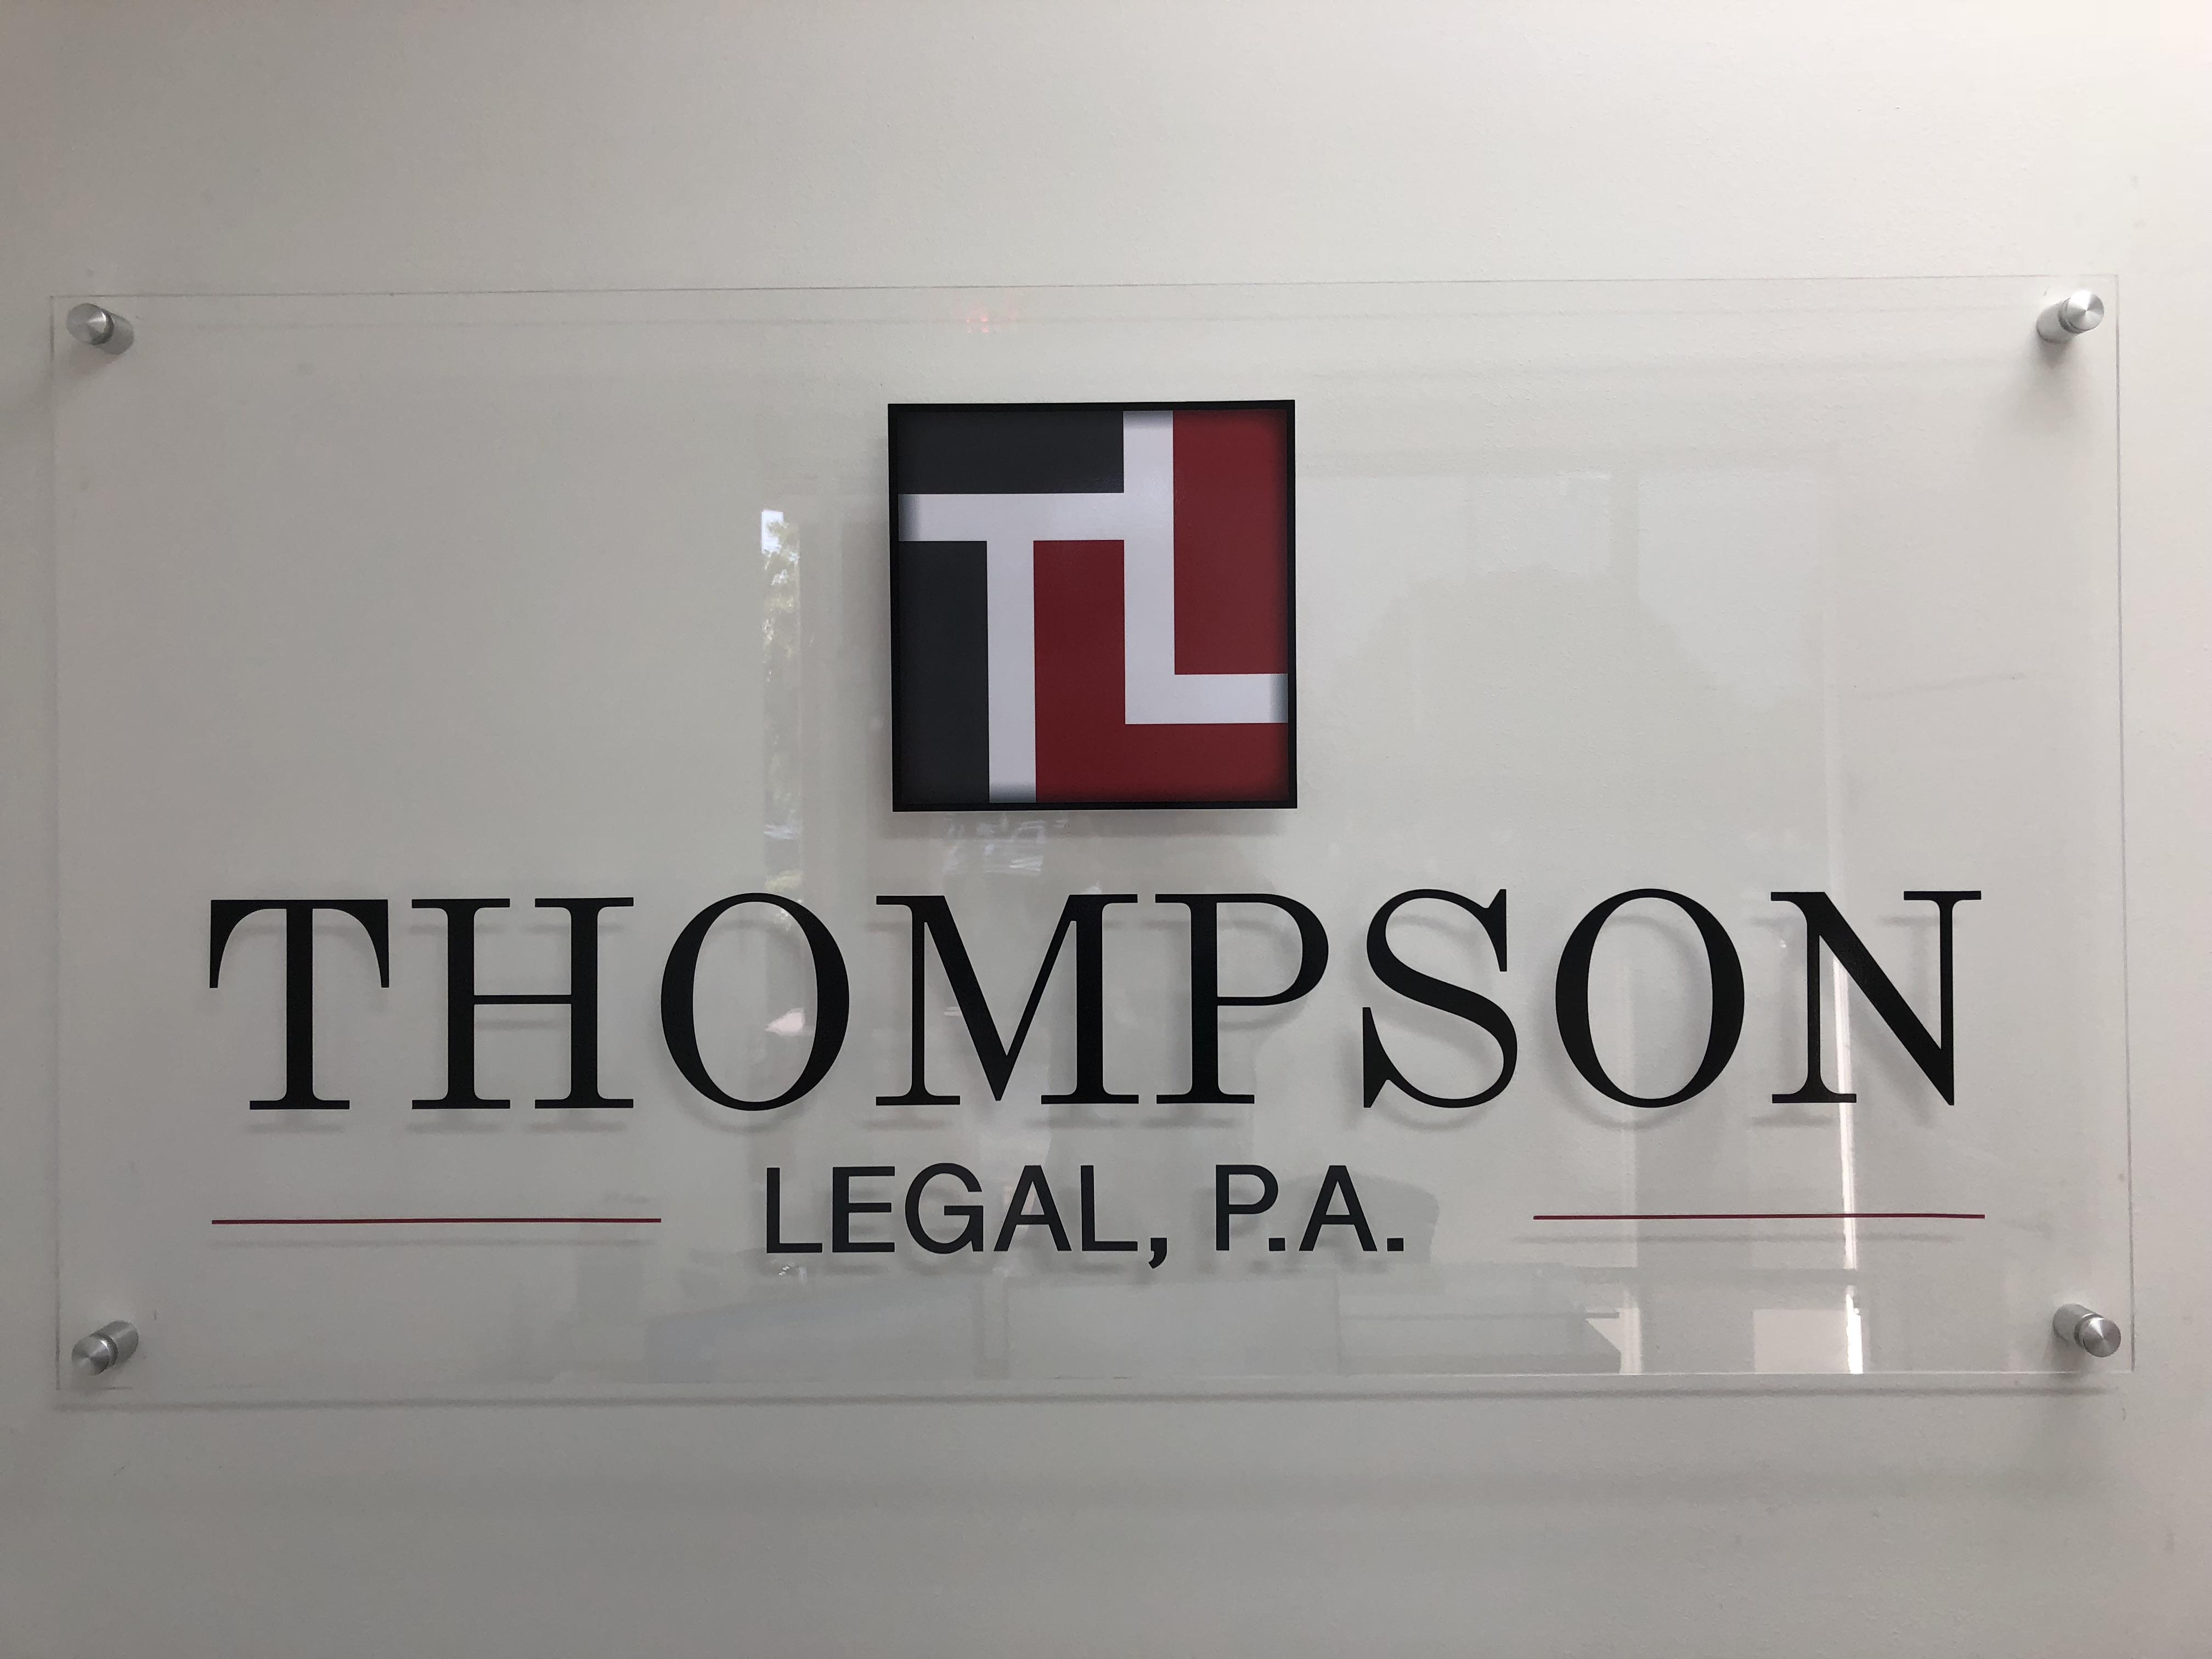 Thompson Legal, P.A.